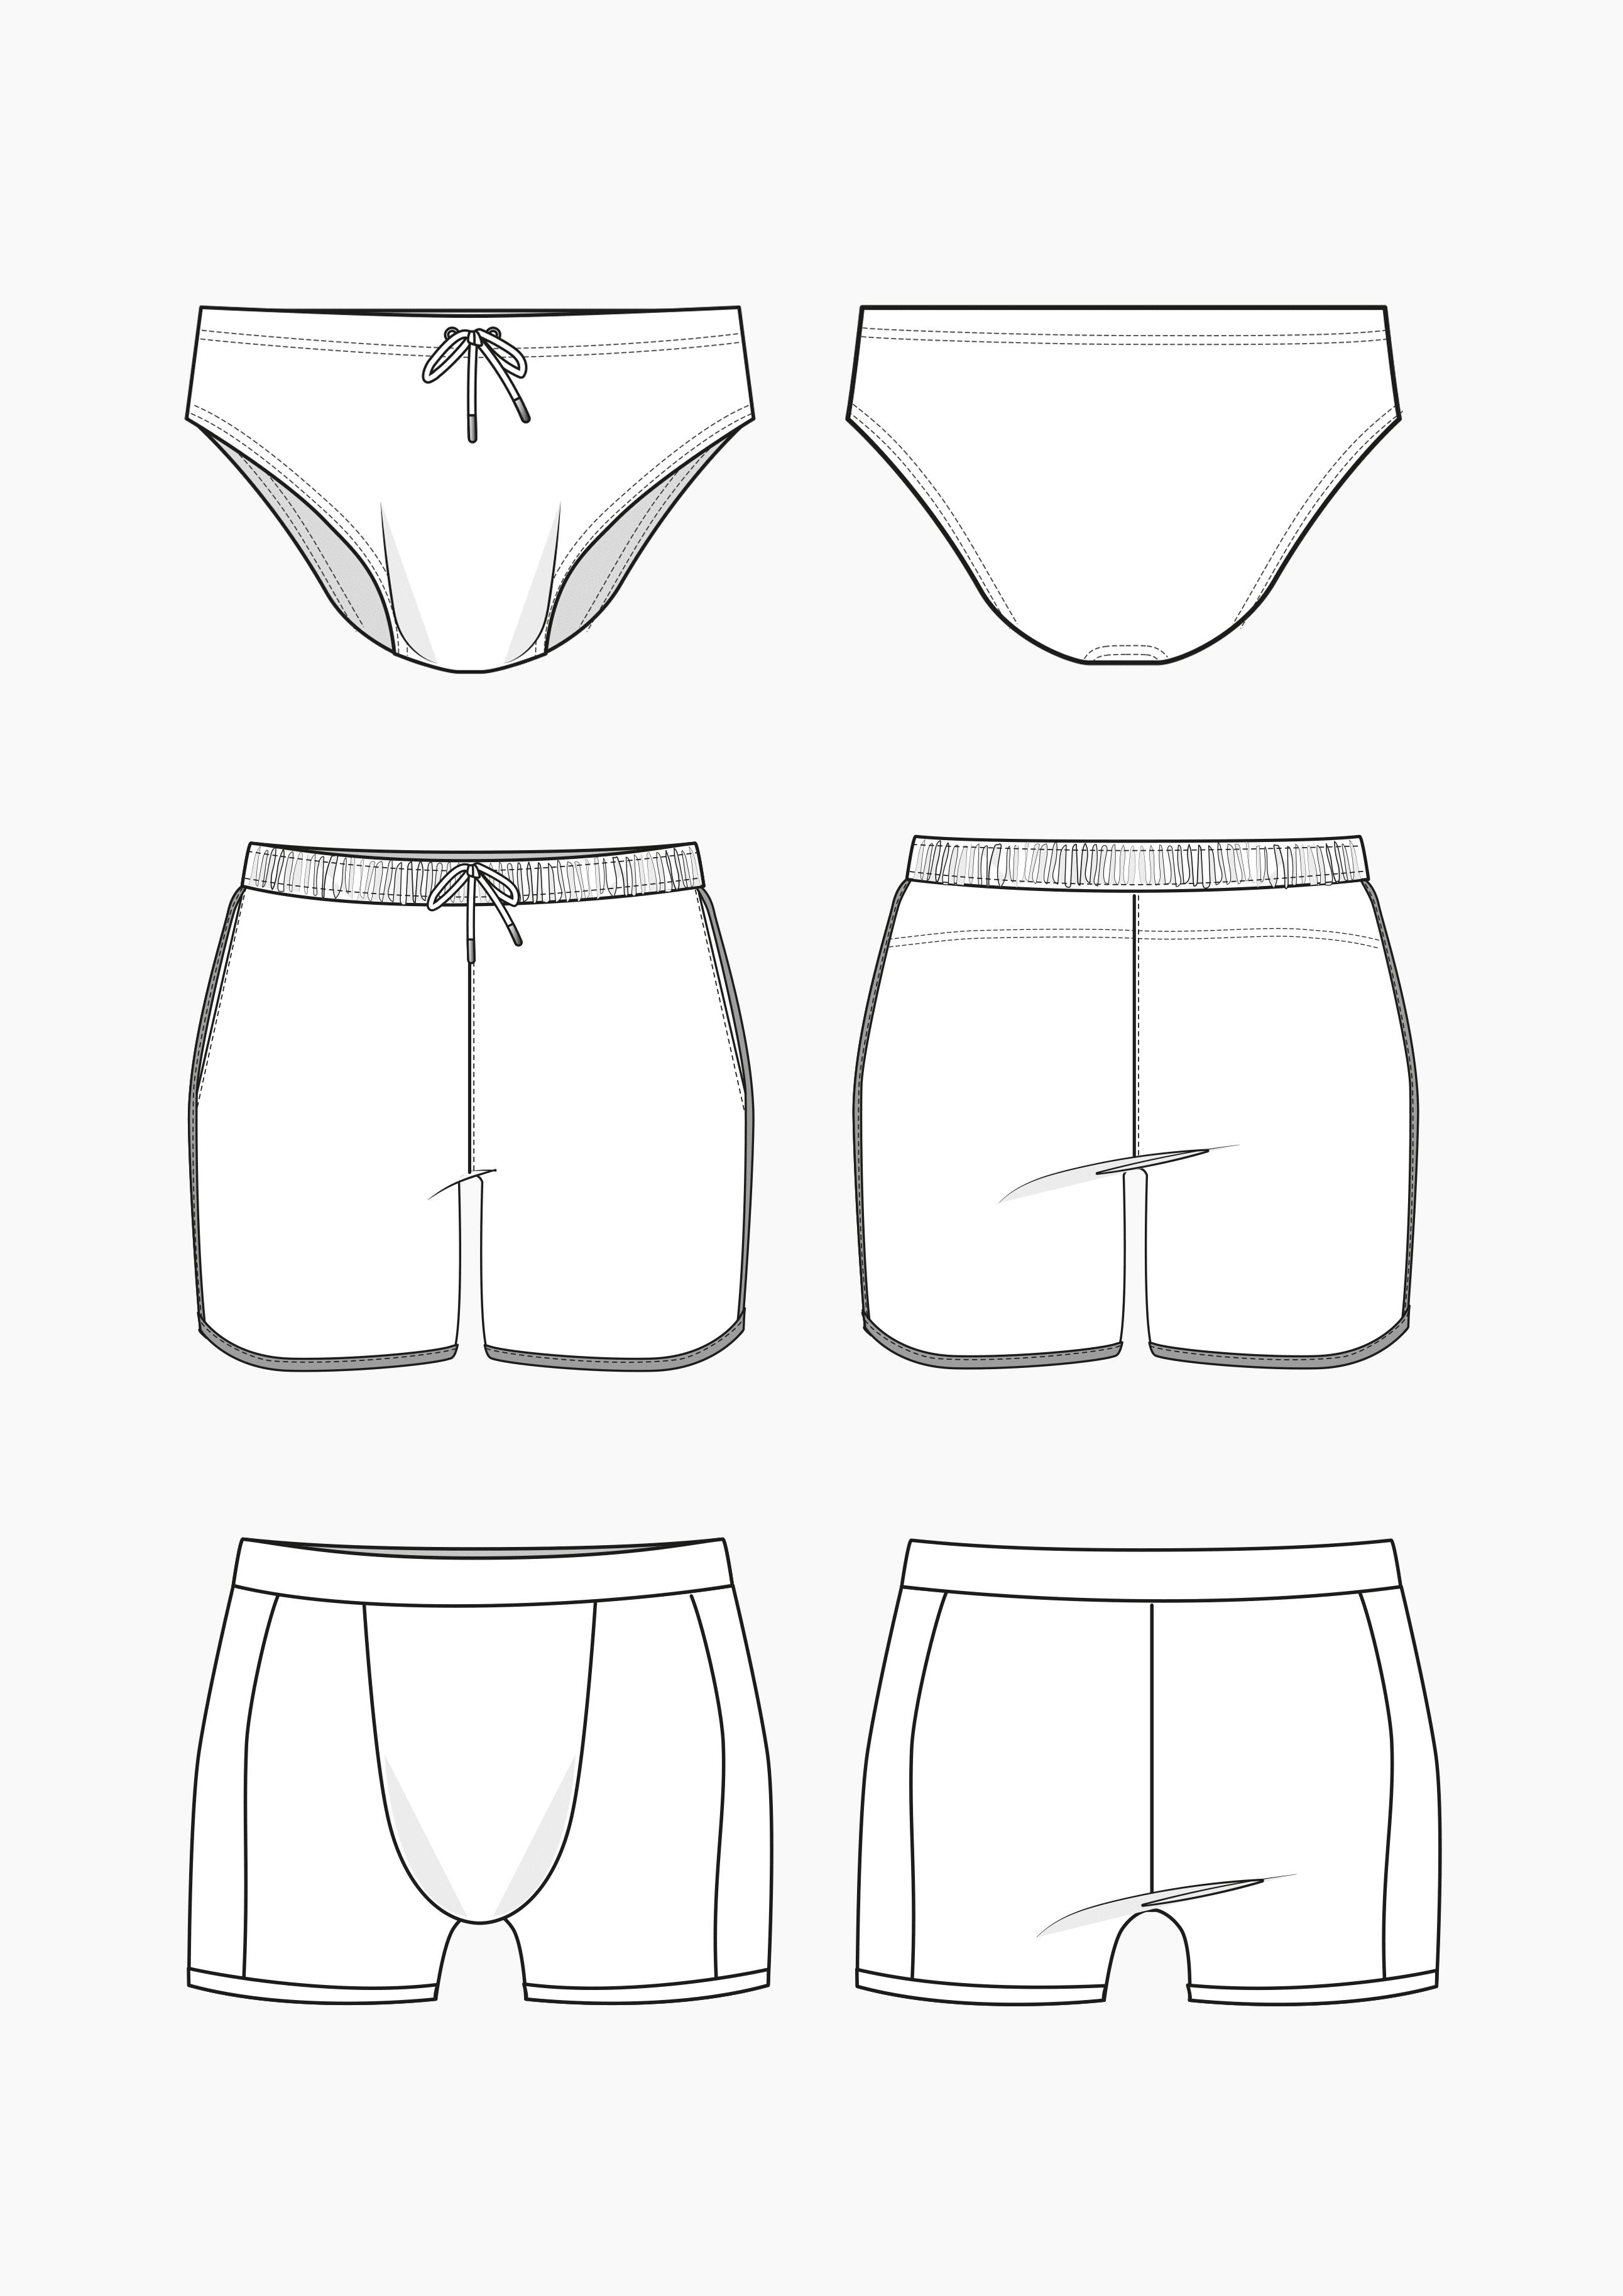 Produkt: Schnitt-Technik Badehosen für Herren